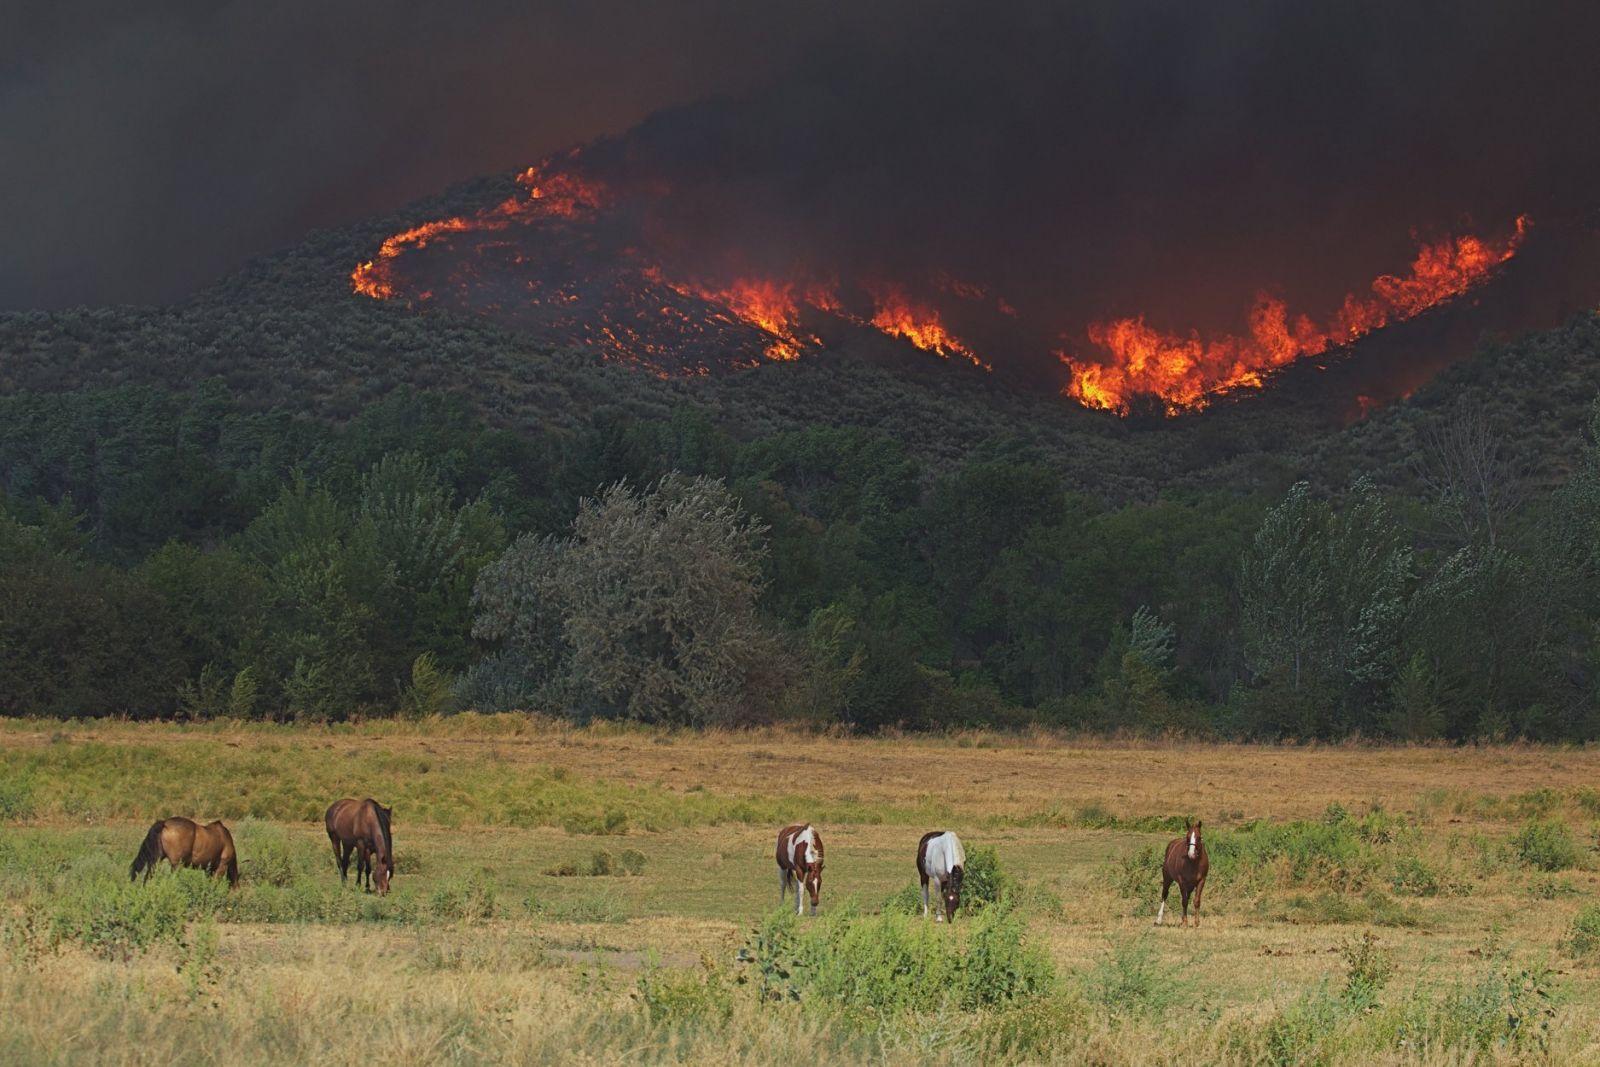 Wildfires Devastate California, Oregon, Washington: como você pode ajudar [Updated 9/17] | Nação de eventos culturais 7